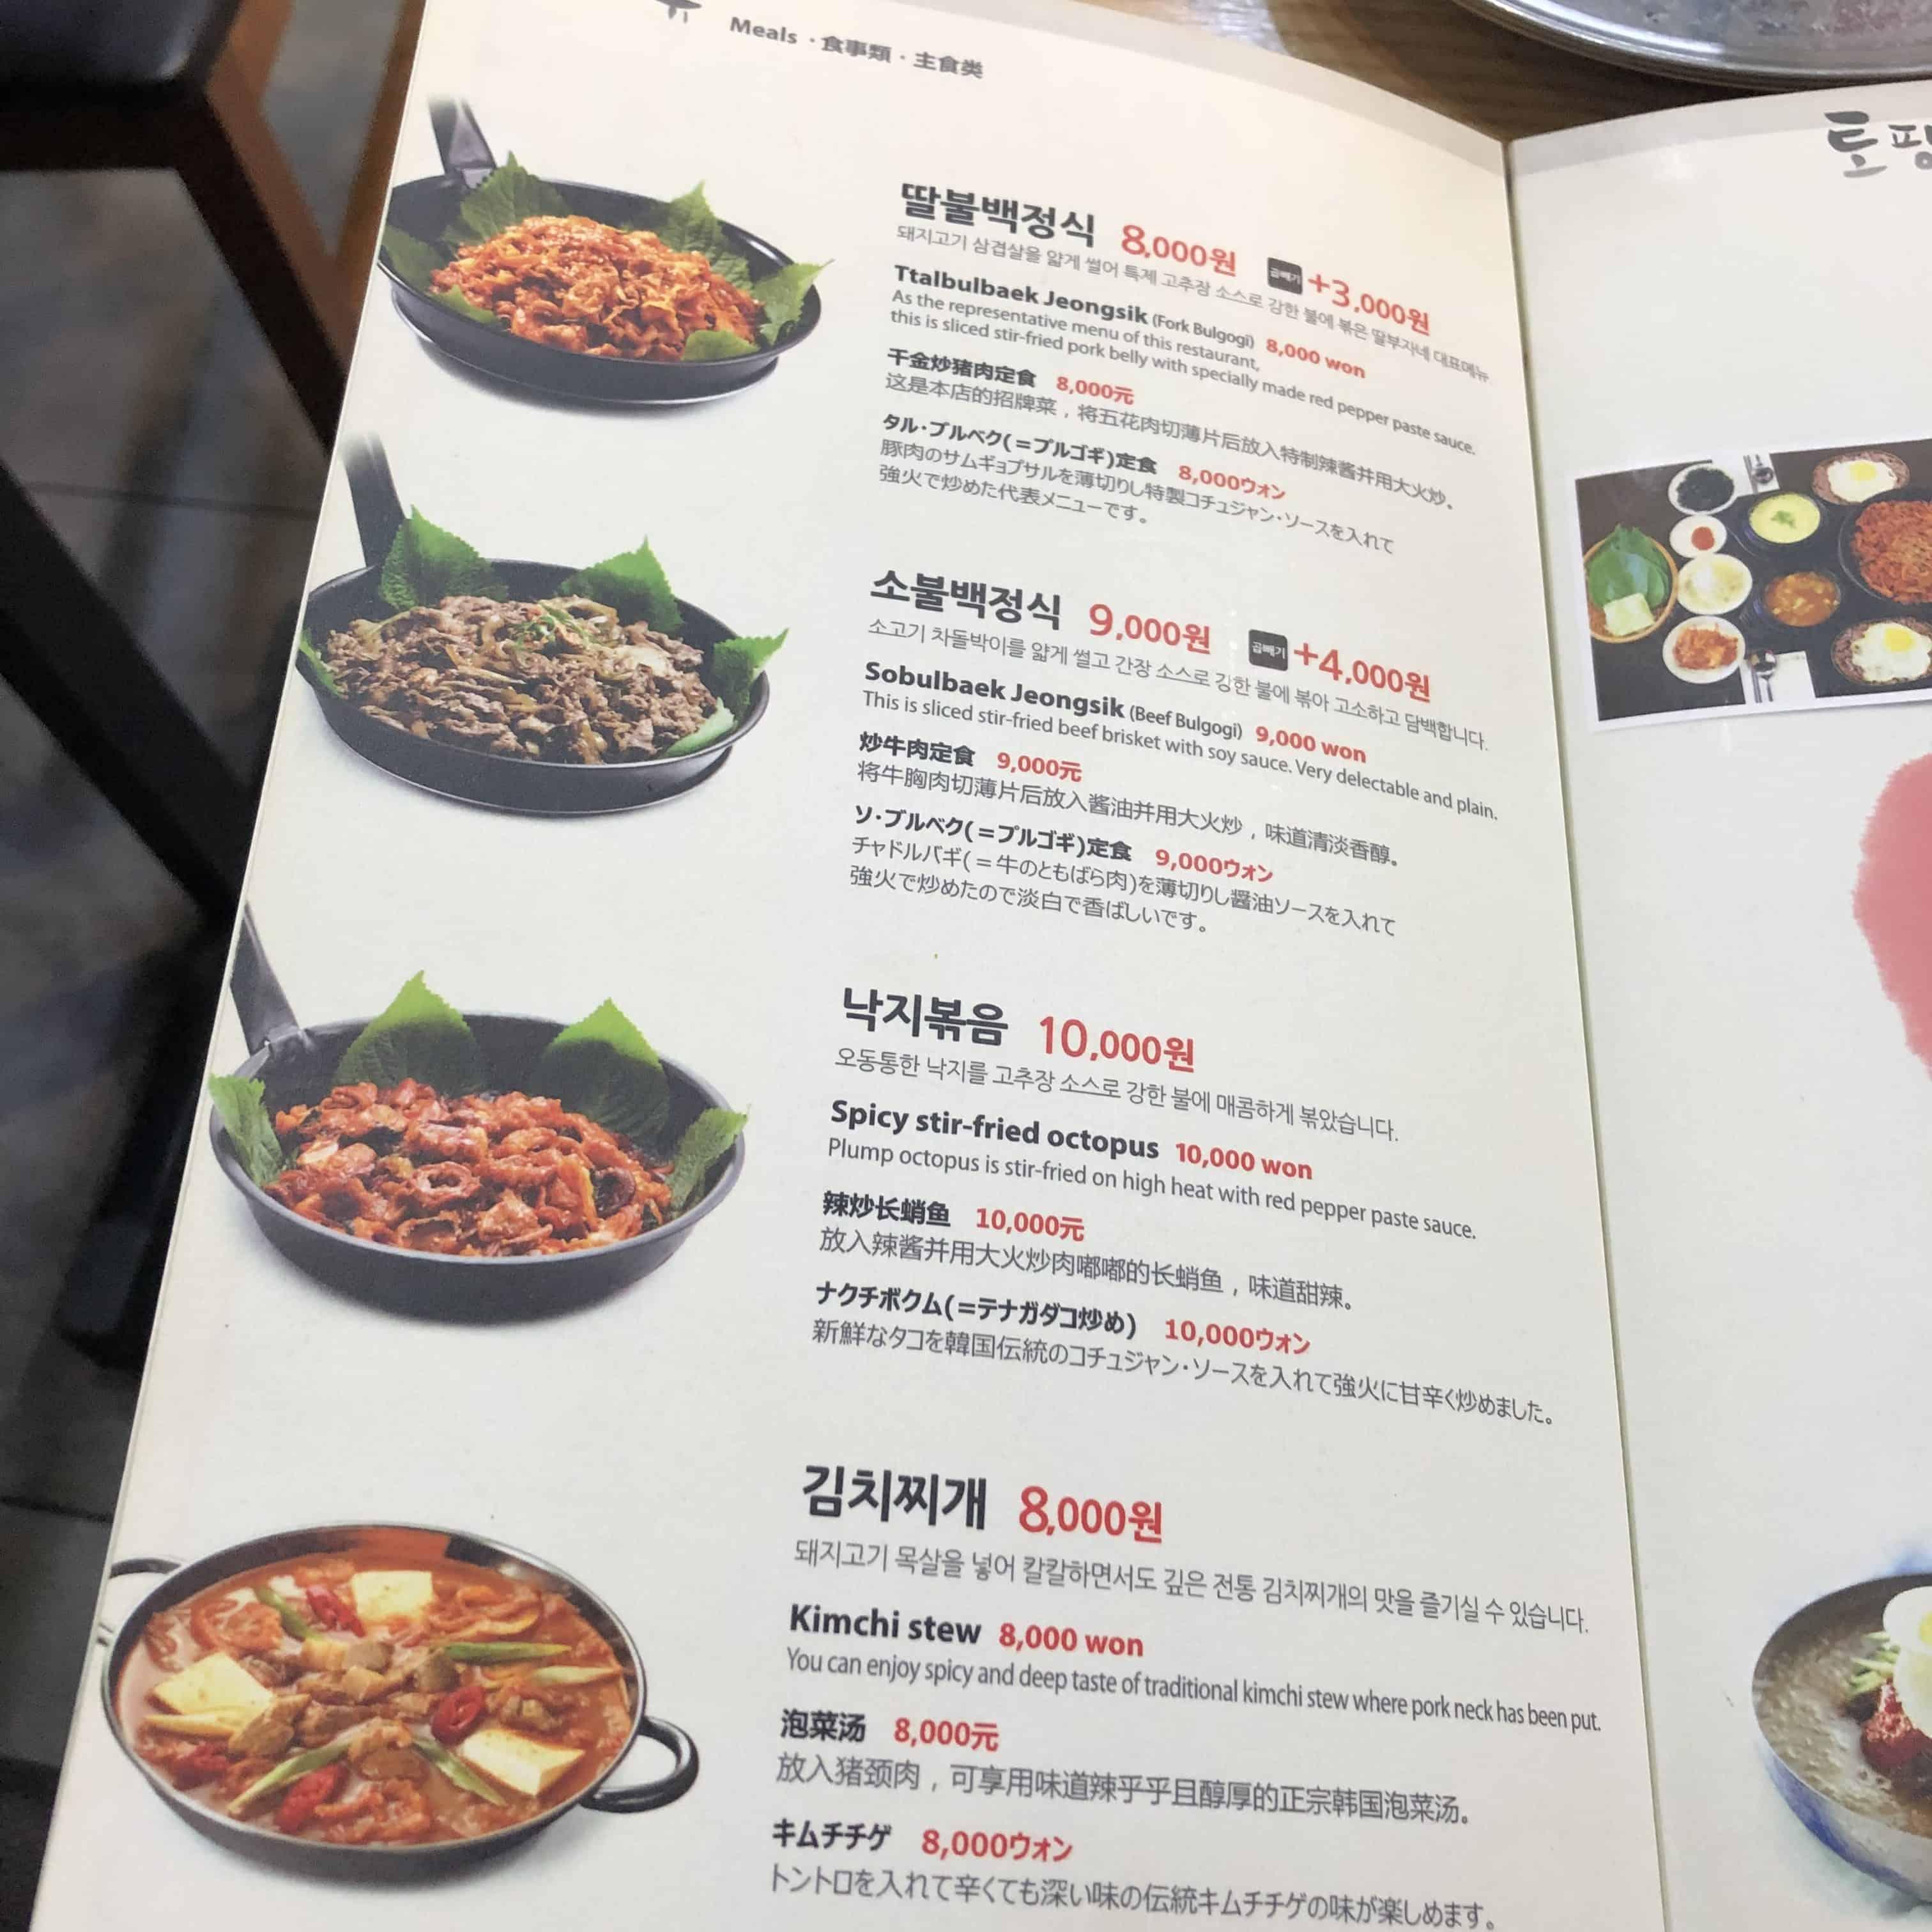 首爾歎24小時燒肉店!江南自由行美食推介2020韓食烤肉篇:水宮韓牛、千金滿堂烤肉店